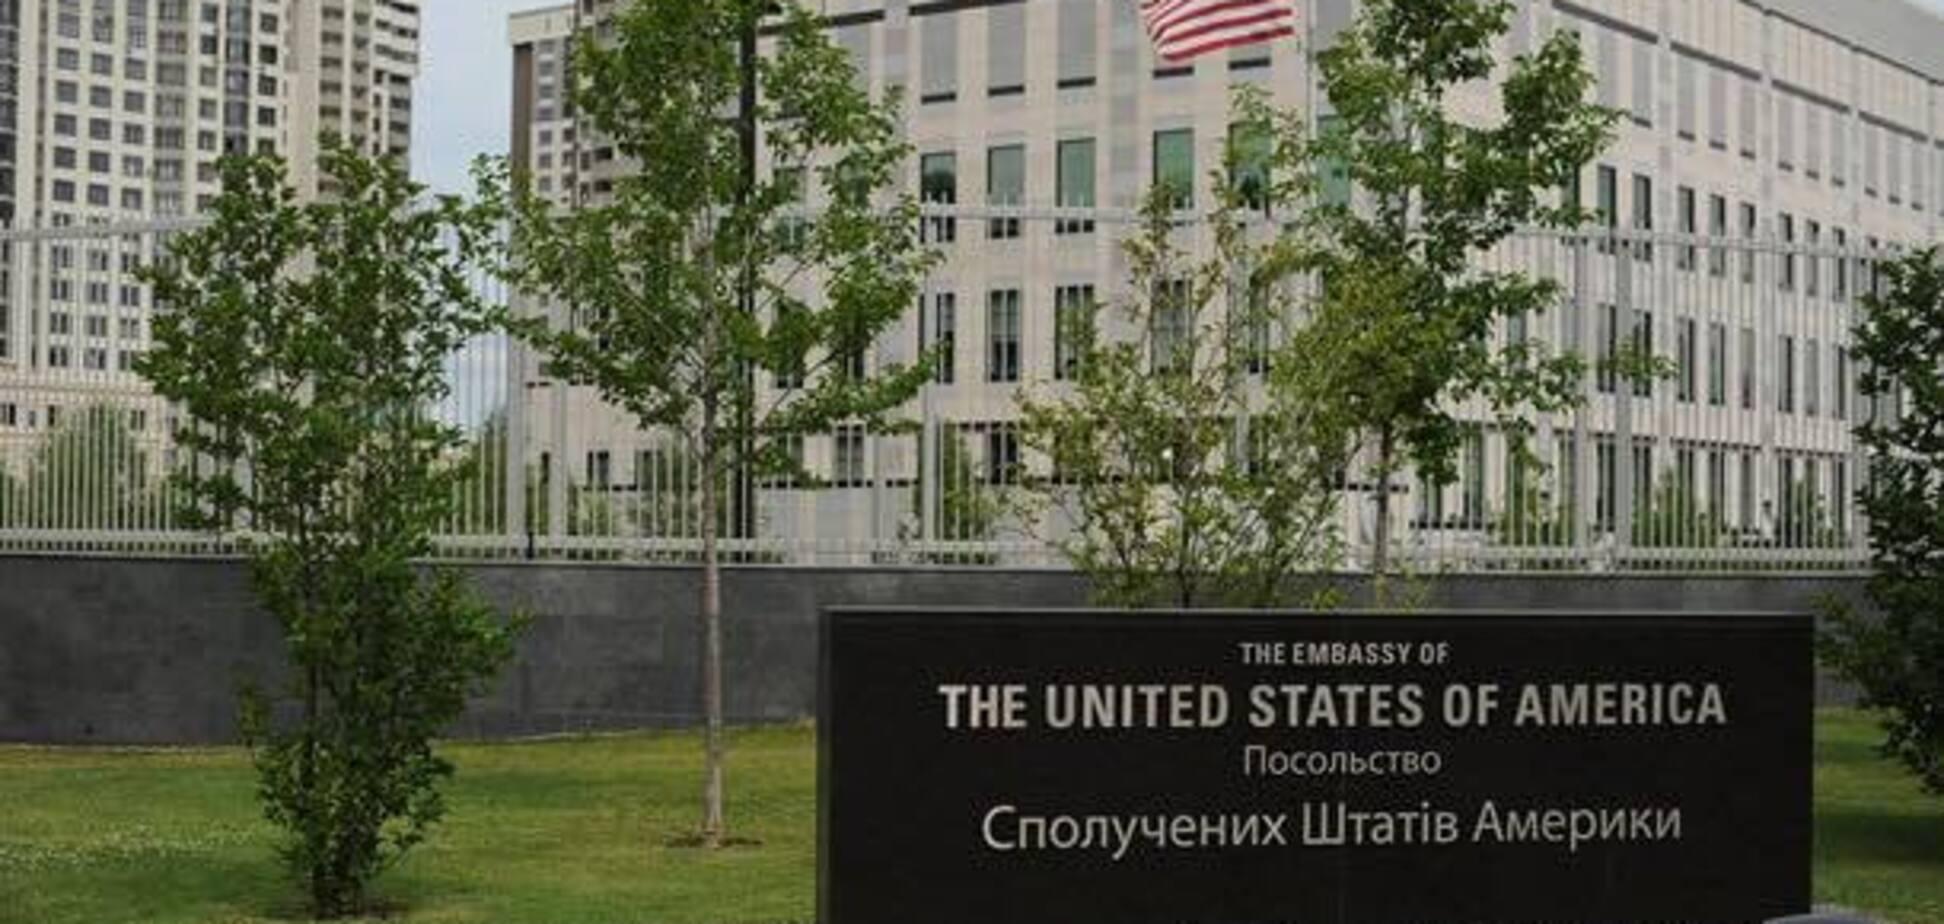 Посольство США в Украине. Источник: Facebook Антикоррупционной Платформы